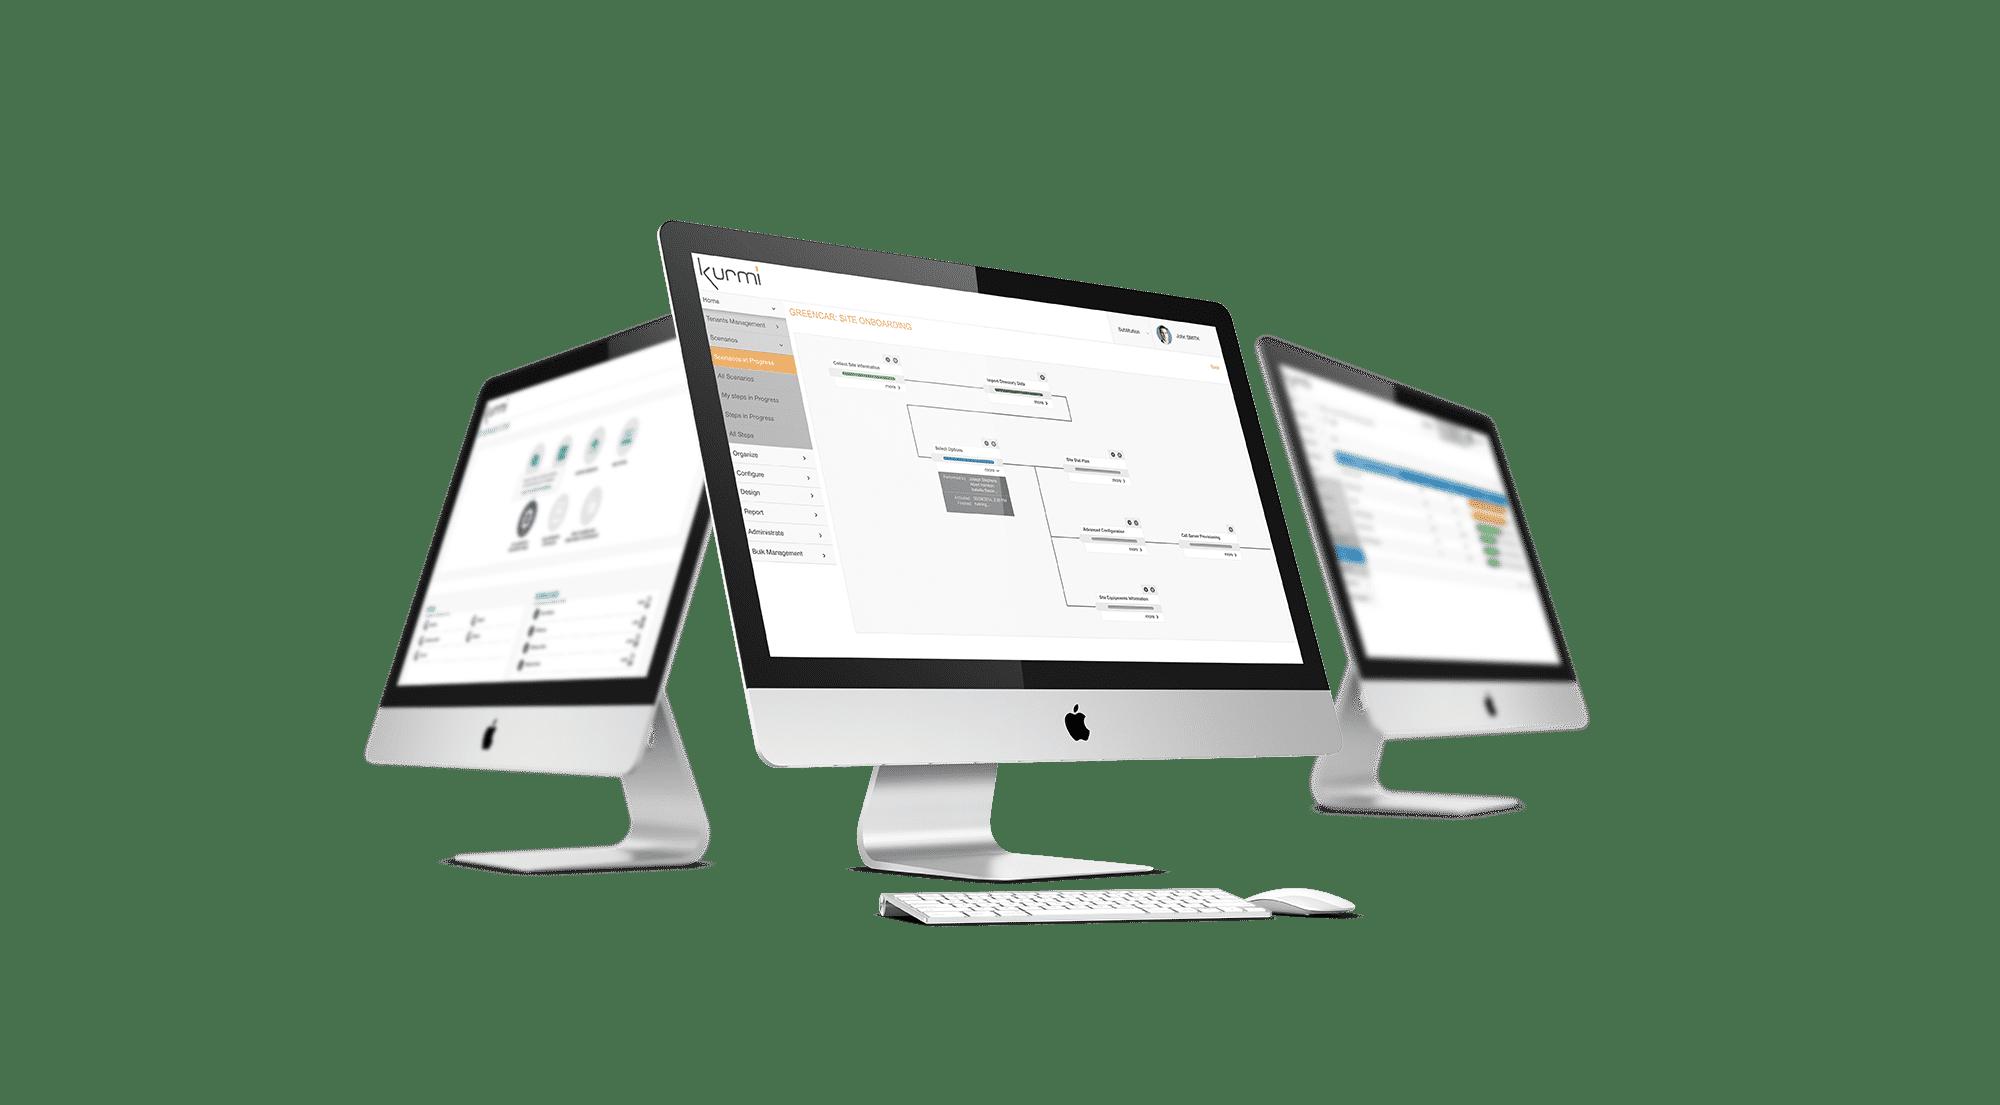 ecrans kurmi webdesign